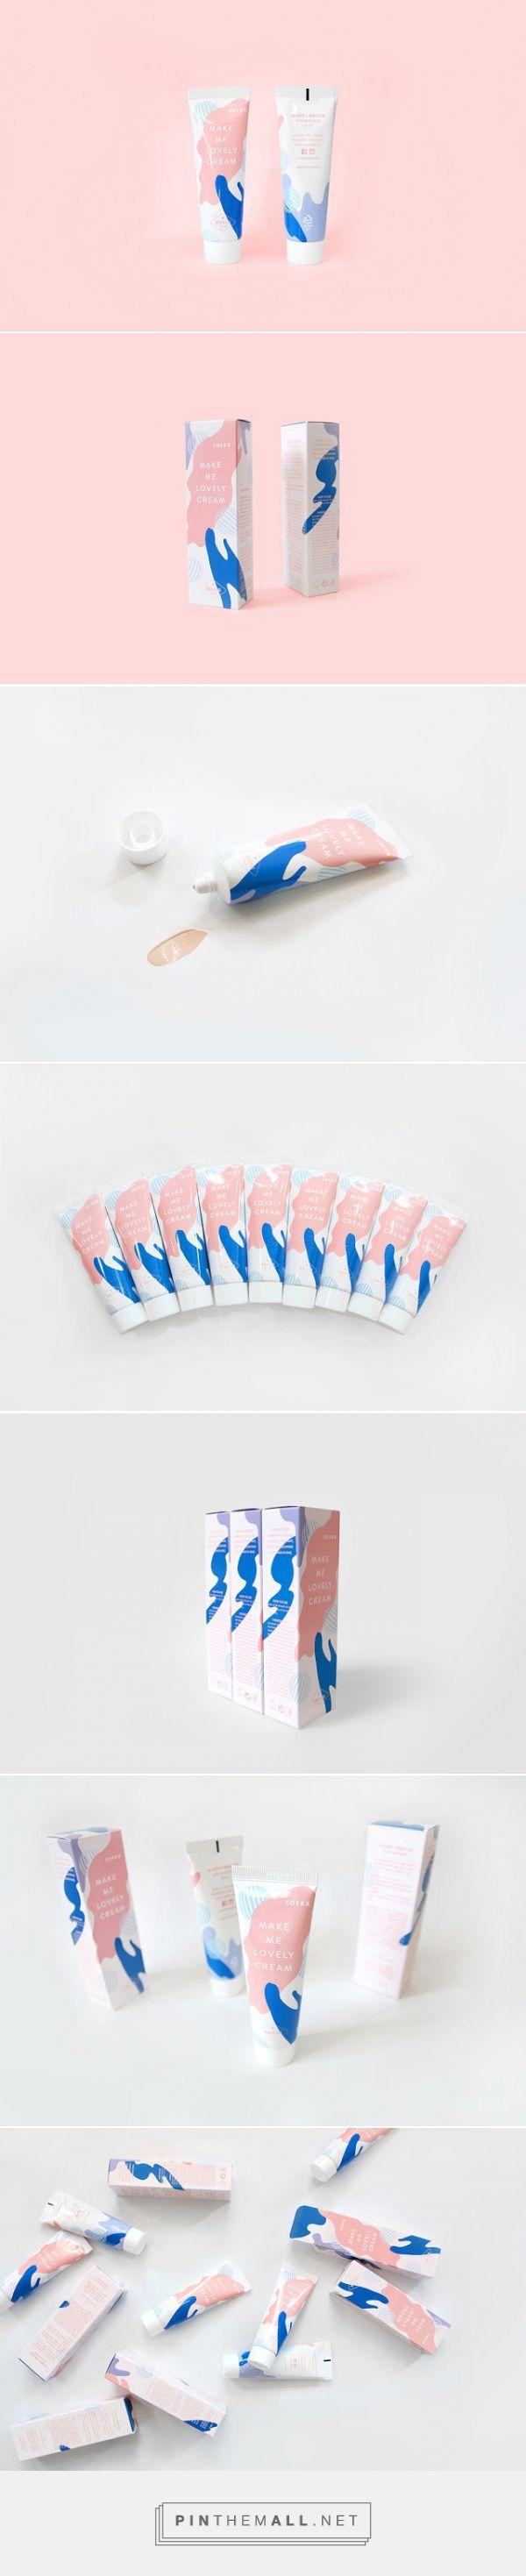 Make Me Lovely Cream packaging designed by Triangle Studio - http://www.packagingoftheworld.com/2015/09/make-me-lovely-cream.html